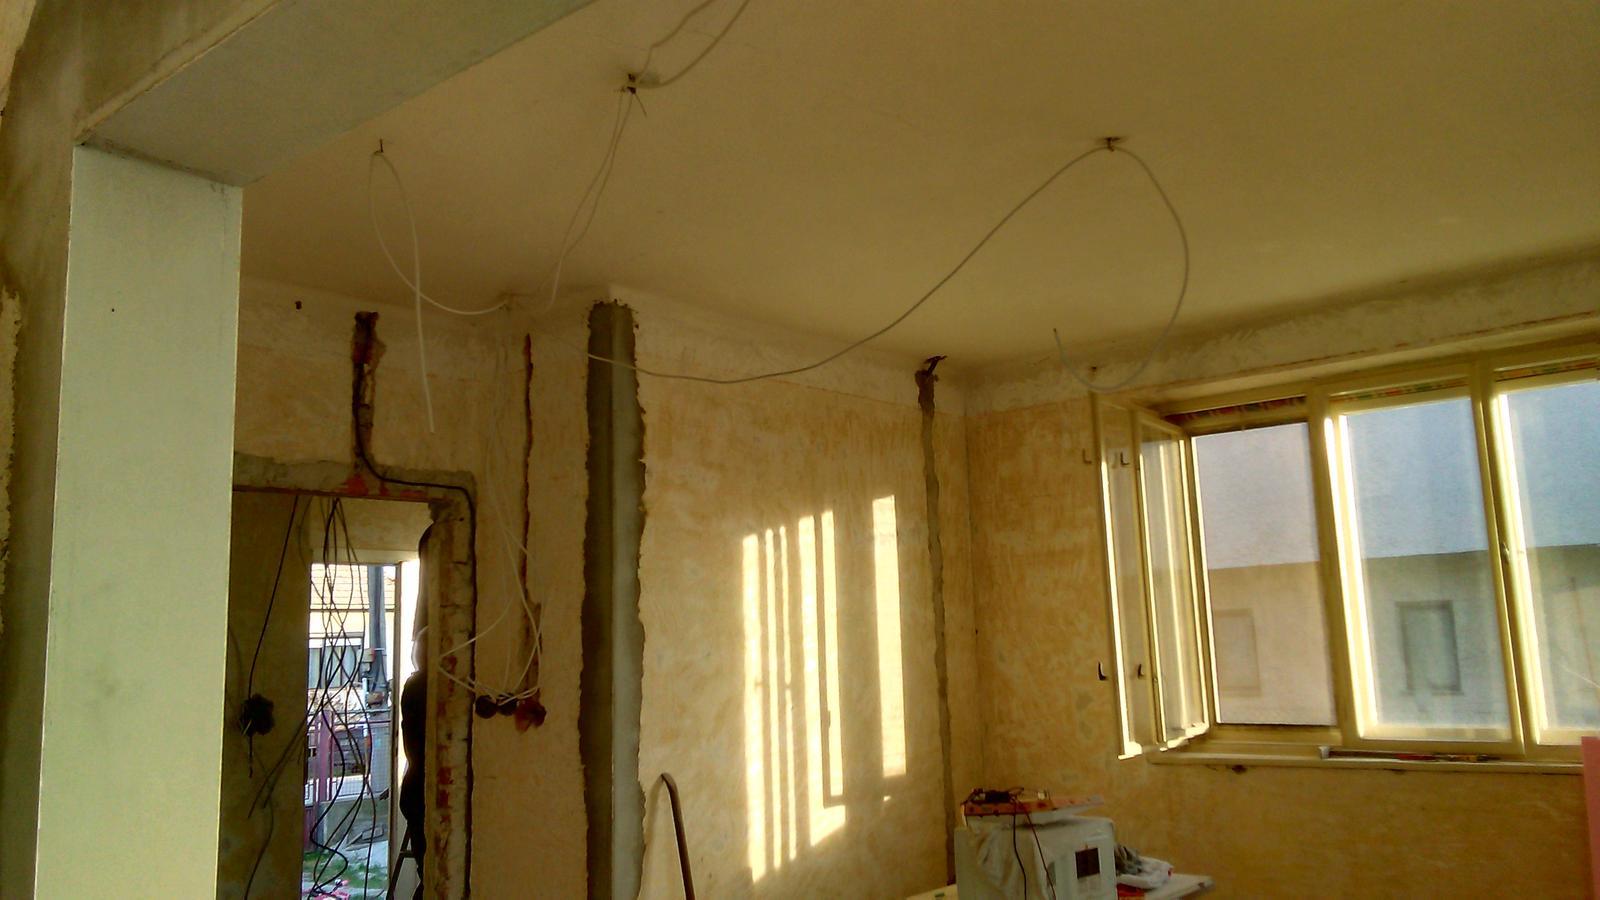 U nas DOMA   👪💟 - nova elektrika a krasne slniecko v obyvacke ☀